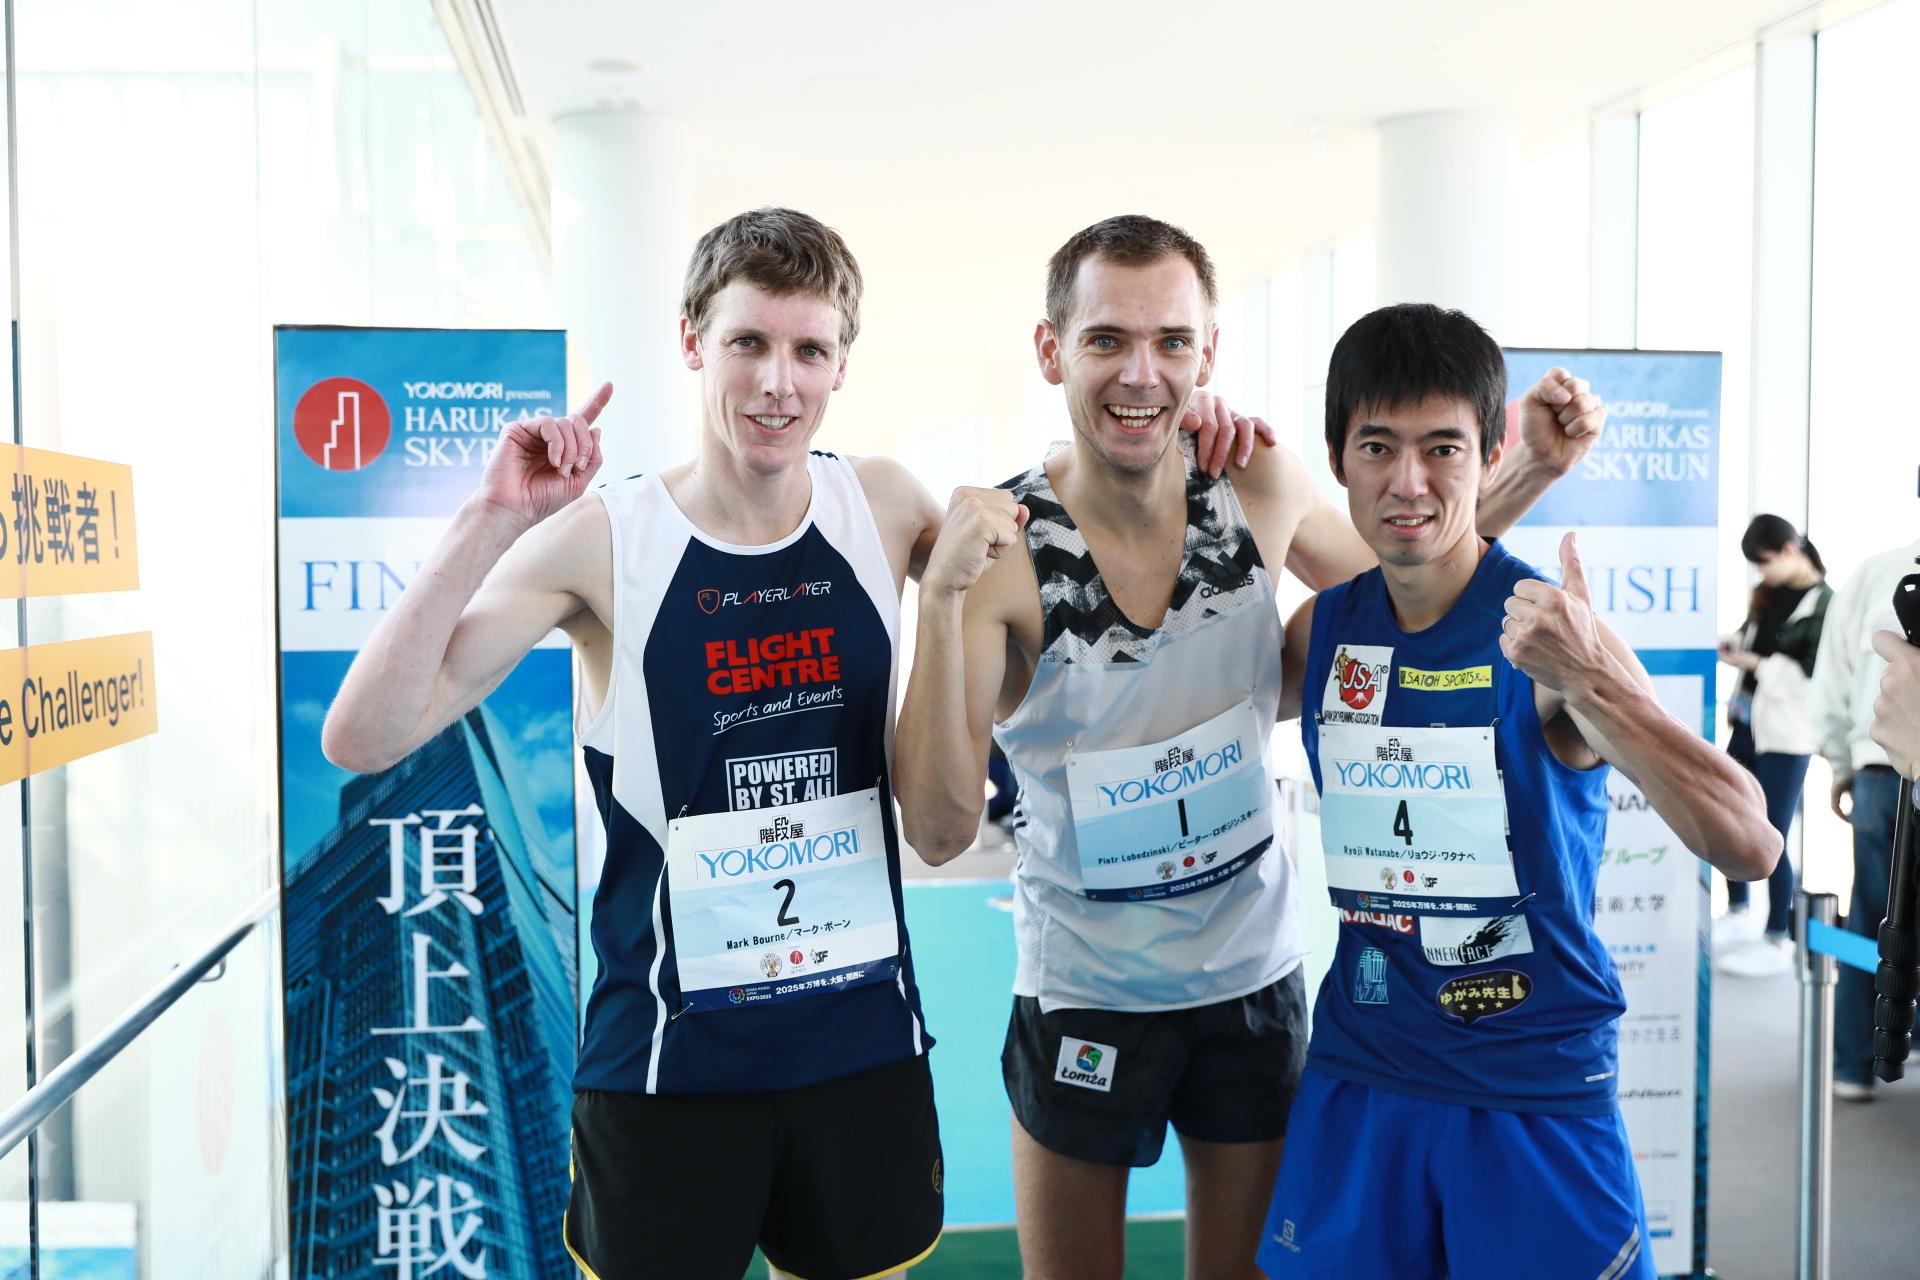 ピーター(中央)と渡辺(右)は勝てばVWC王者が確定 ©Sporting-Republic